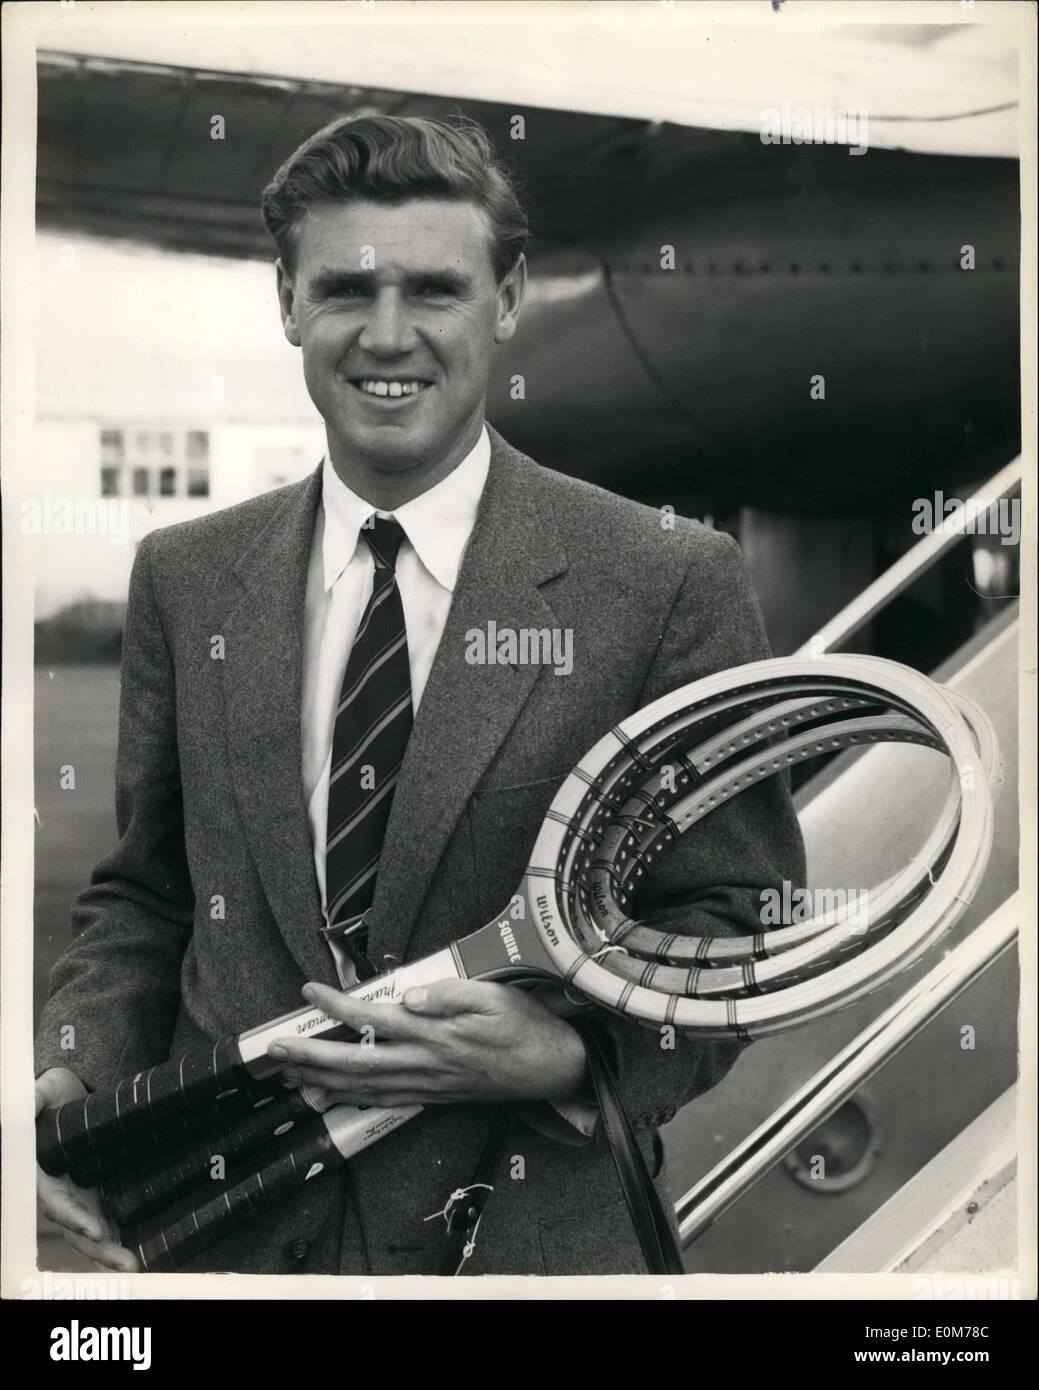 Nov 11 1953 Australian star arrives for professional tennis